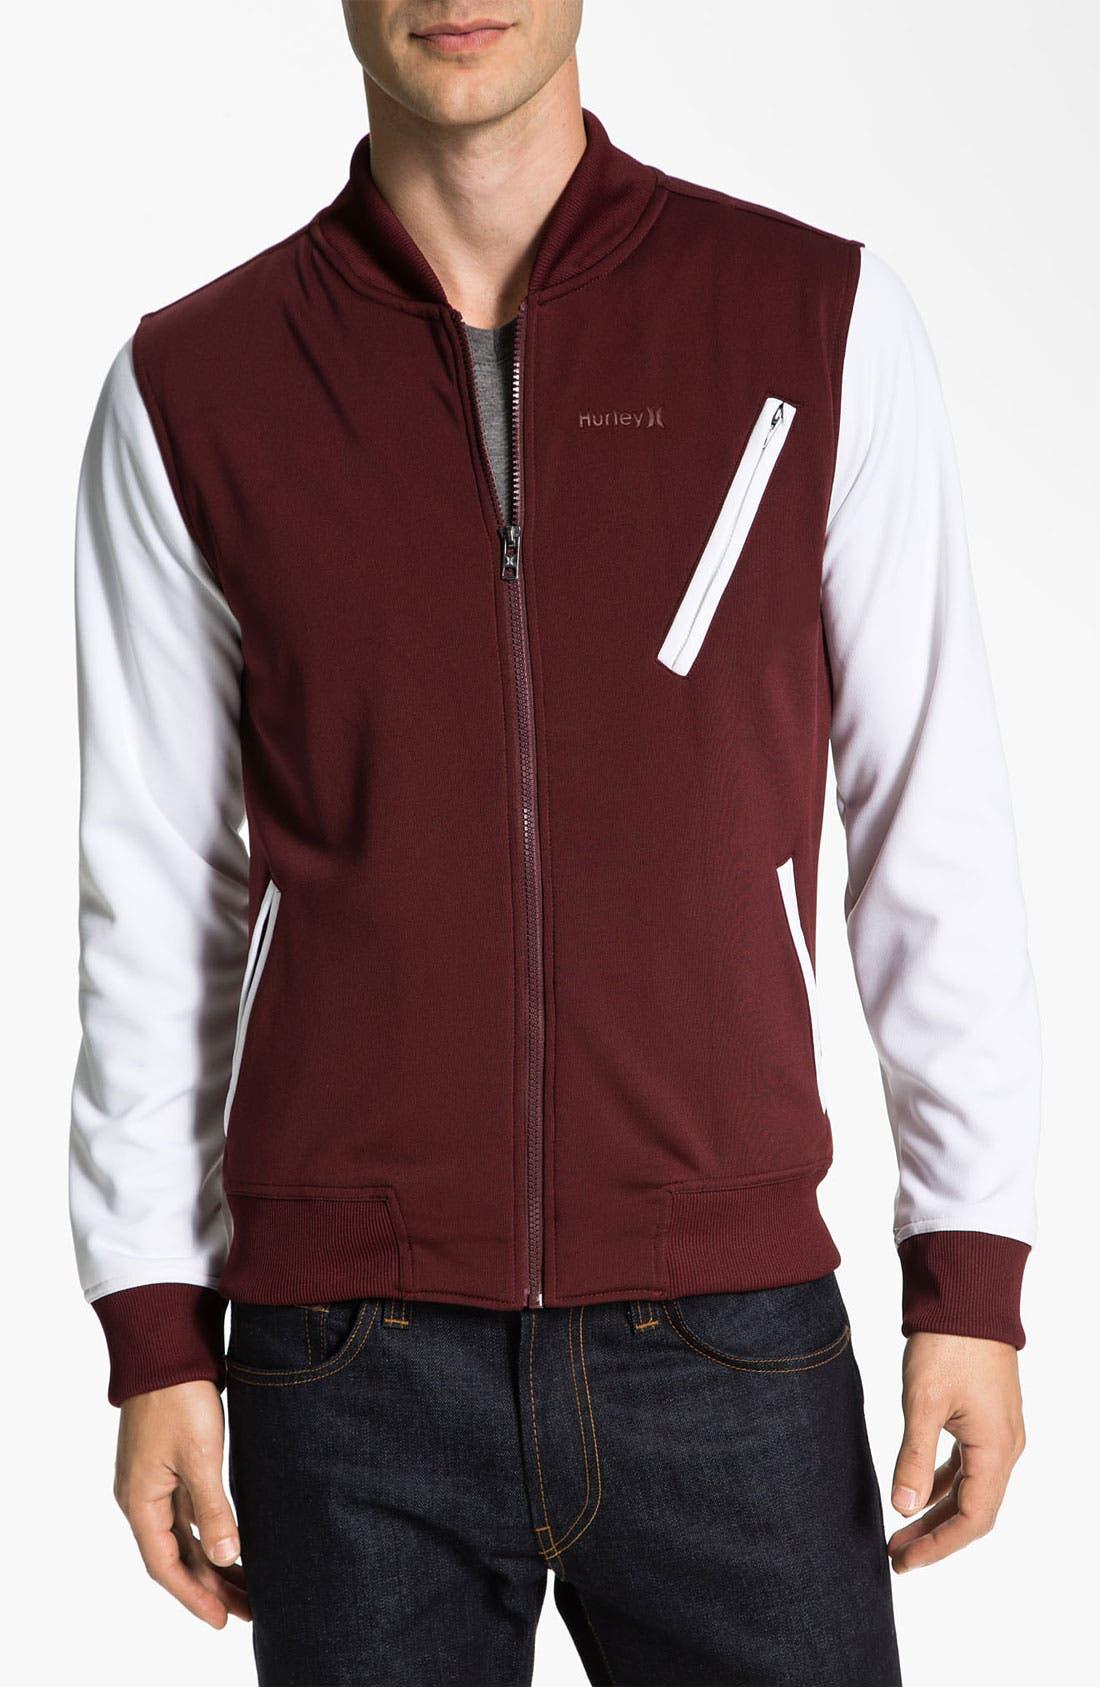 Main Image - Hurley 'Velocity' Fleece Varsity Jacket